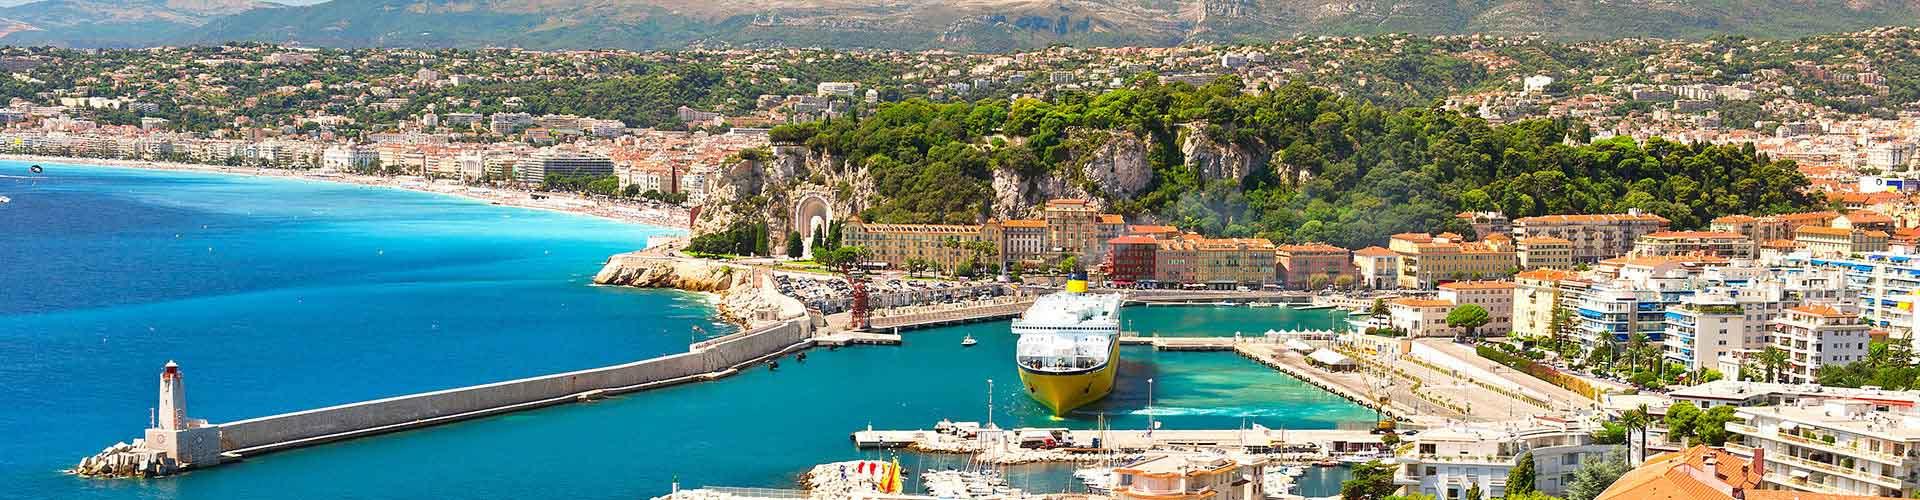 Niza - Habitaciones cerca a Centro de la Ciudad. Mapas de Niza, Fotos y comentarios de cada Habitación en Niza.